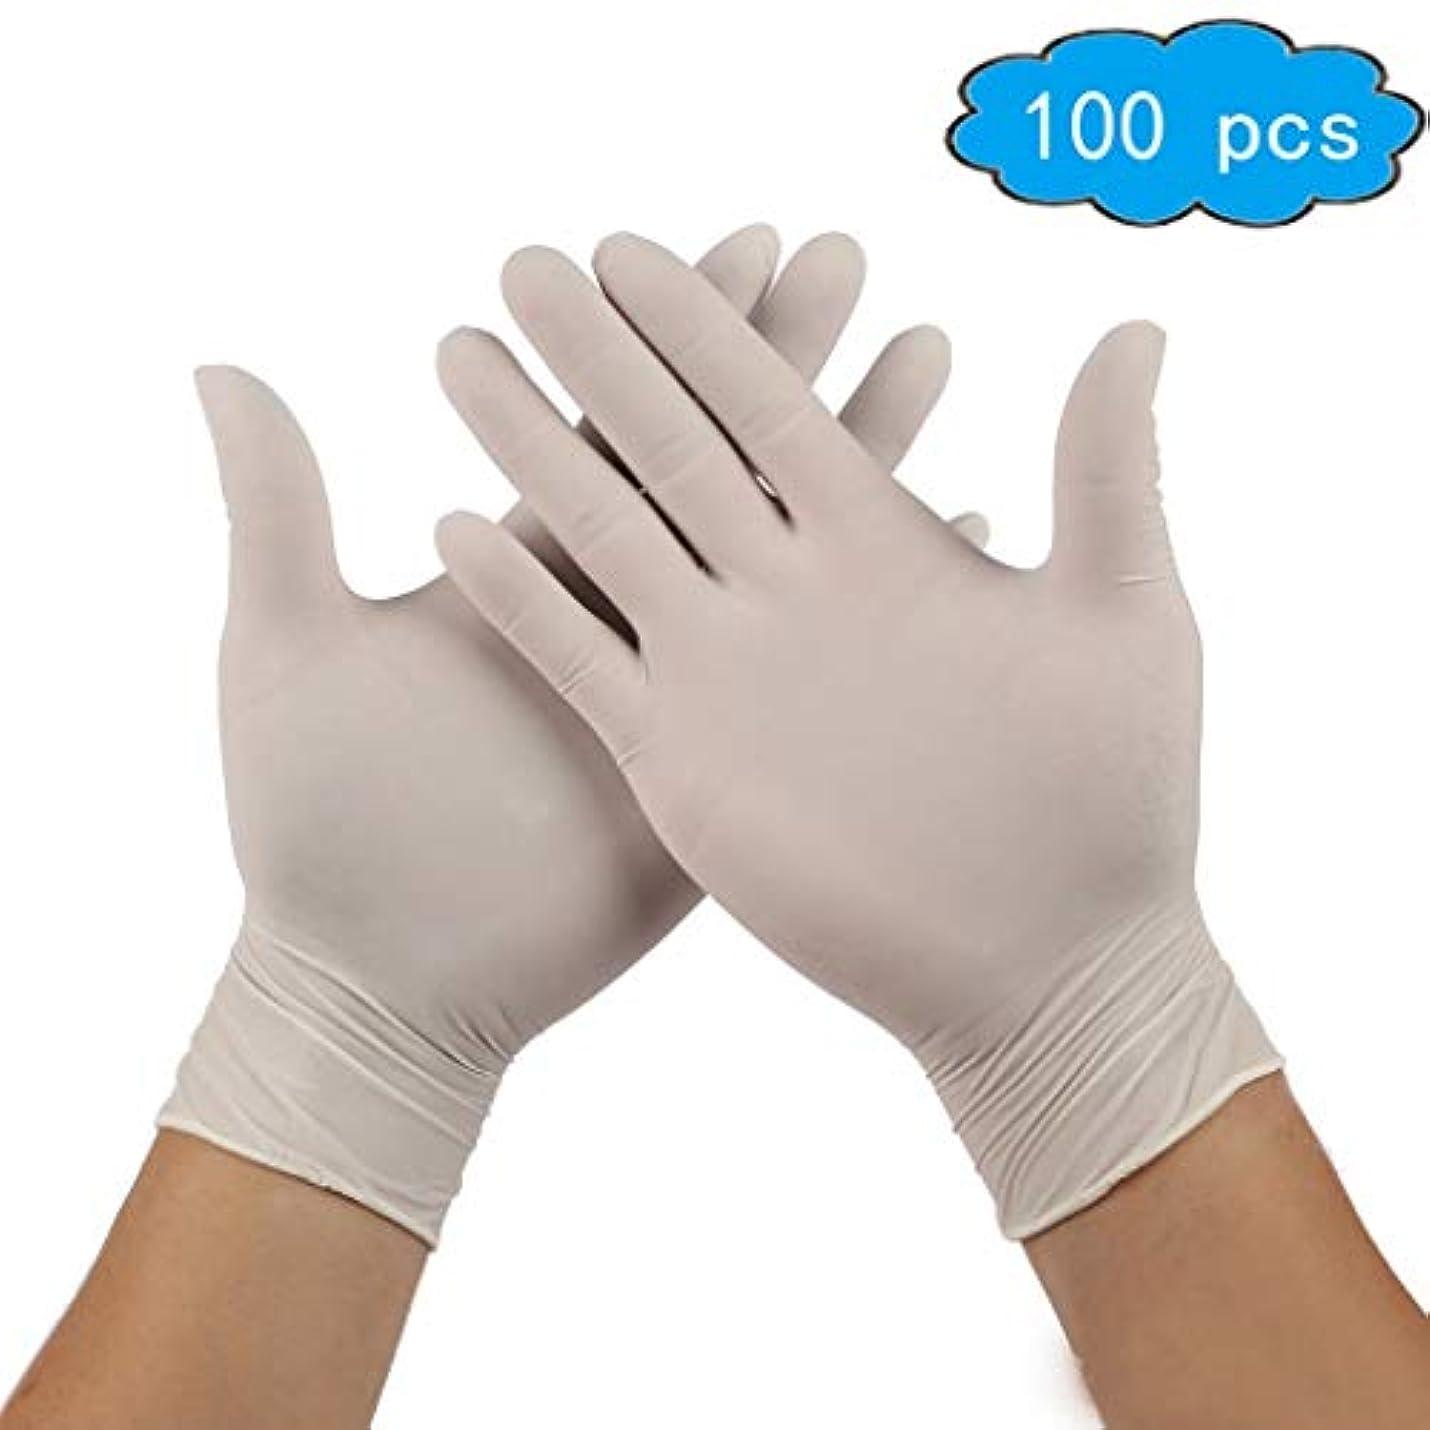 詩人ブロー回転使い捨てニトリル手袋 - 医療グレード、非滅菌、食品安全、100のパック (Color : White, Size : M)